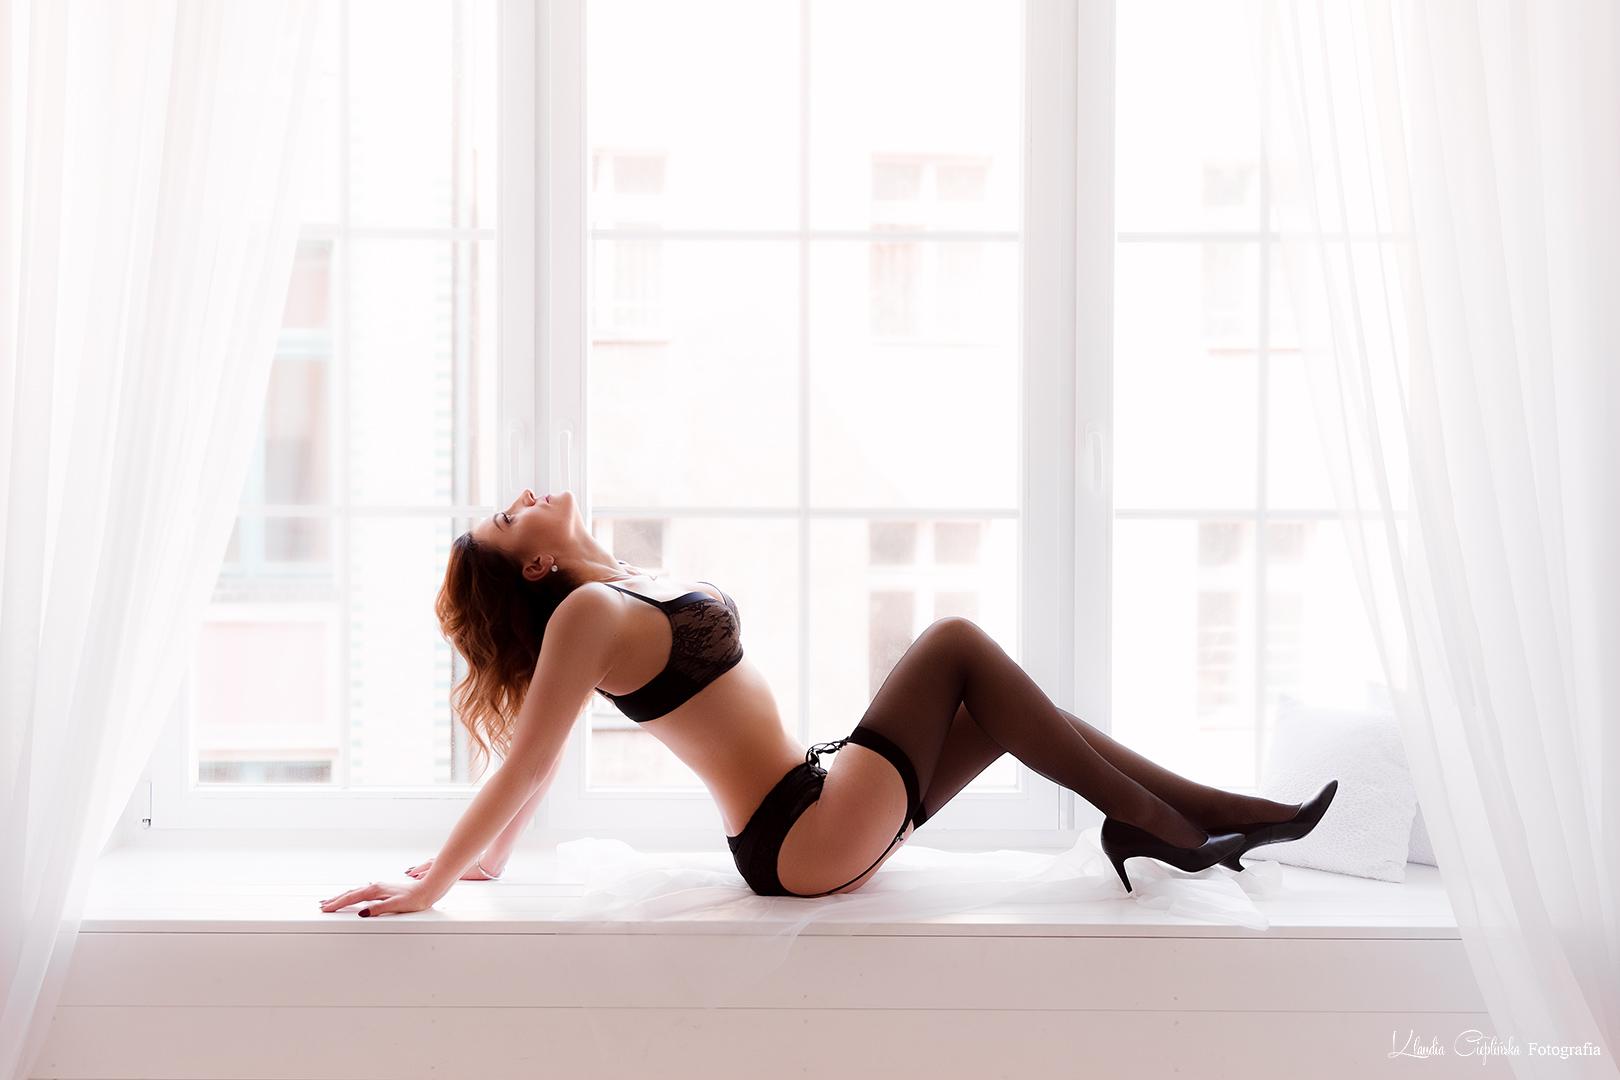 Profesjonalne zdjęcia boudoir, sensualne, kobiece. Sesja zdjęciowa w BIG Studio na Ruskiej we Wrocławiu. Nowoczesny retusz, profesjonalne zdjęcia kobiece Wrocław.